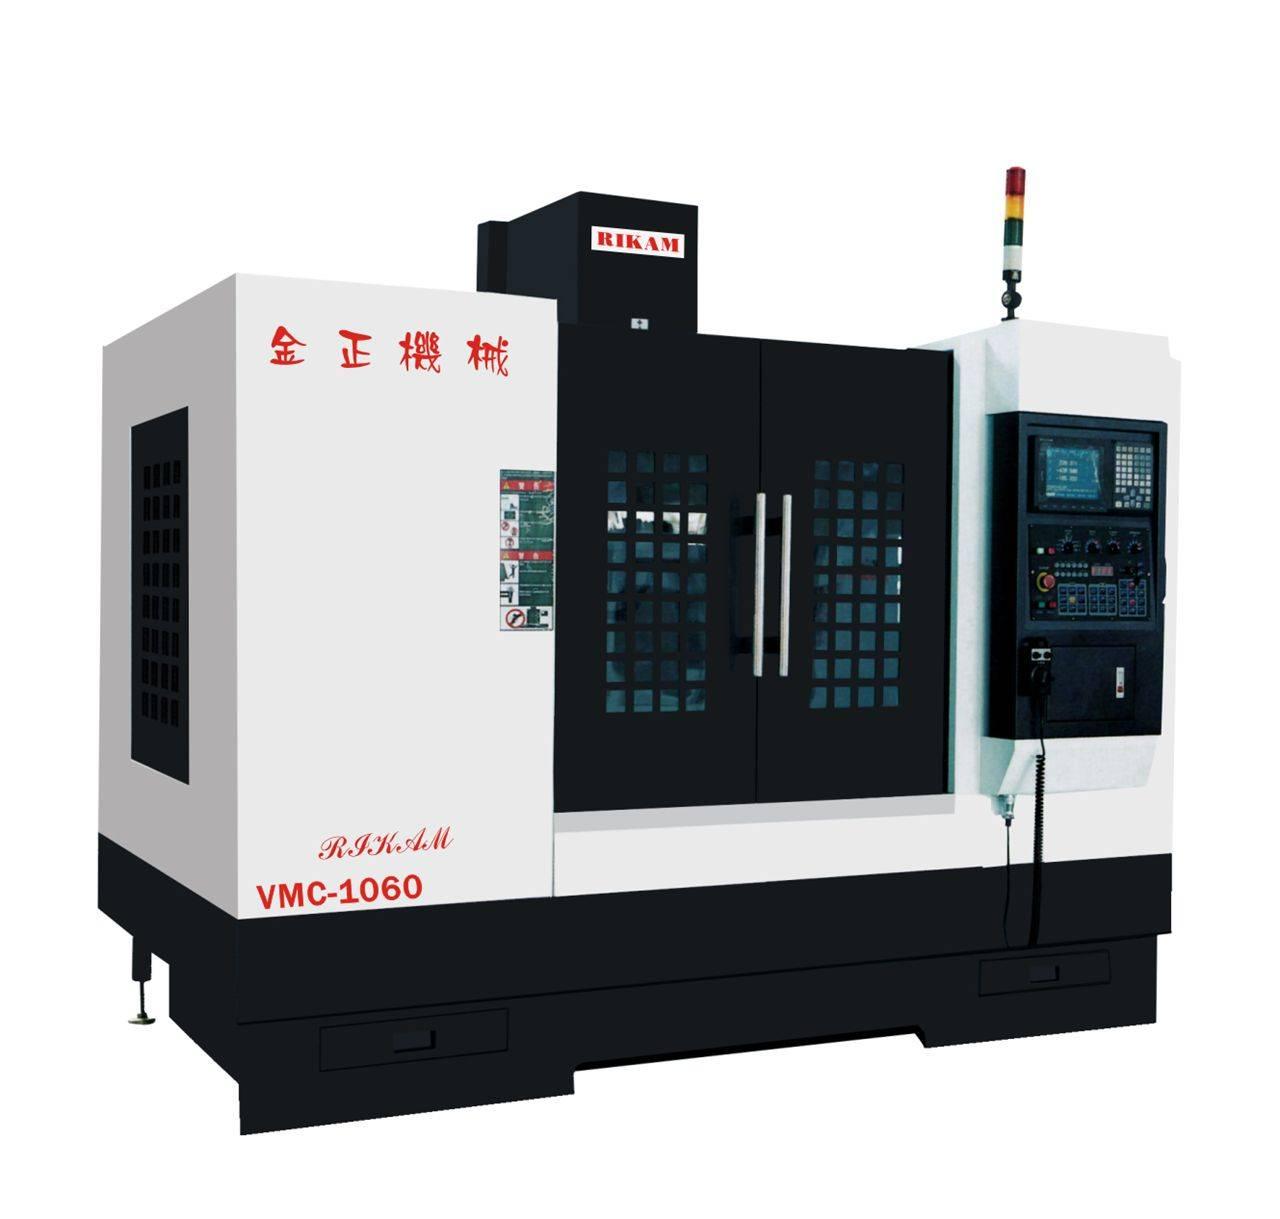 cnc machine VMC1060 multi spindle drilling machine CNC Vertical Machining Center